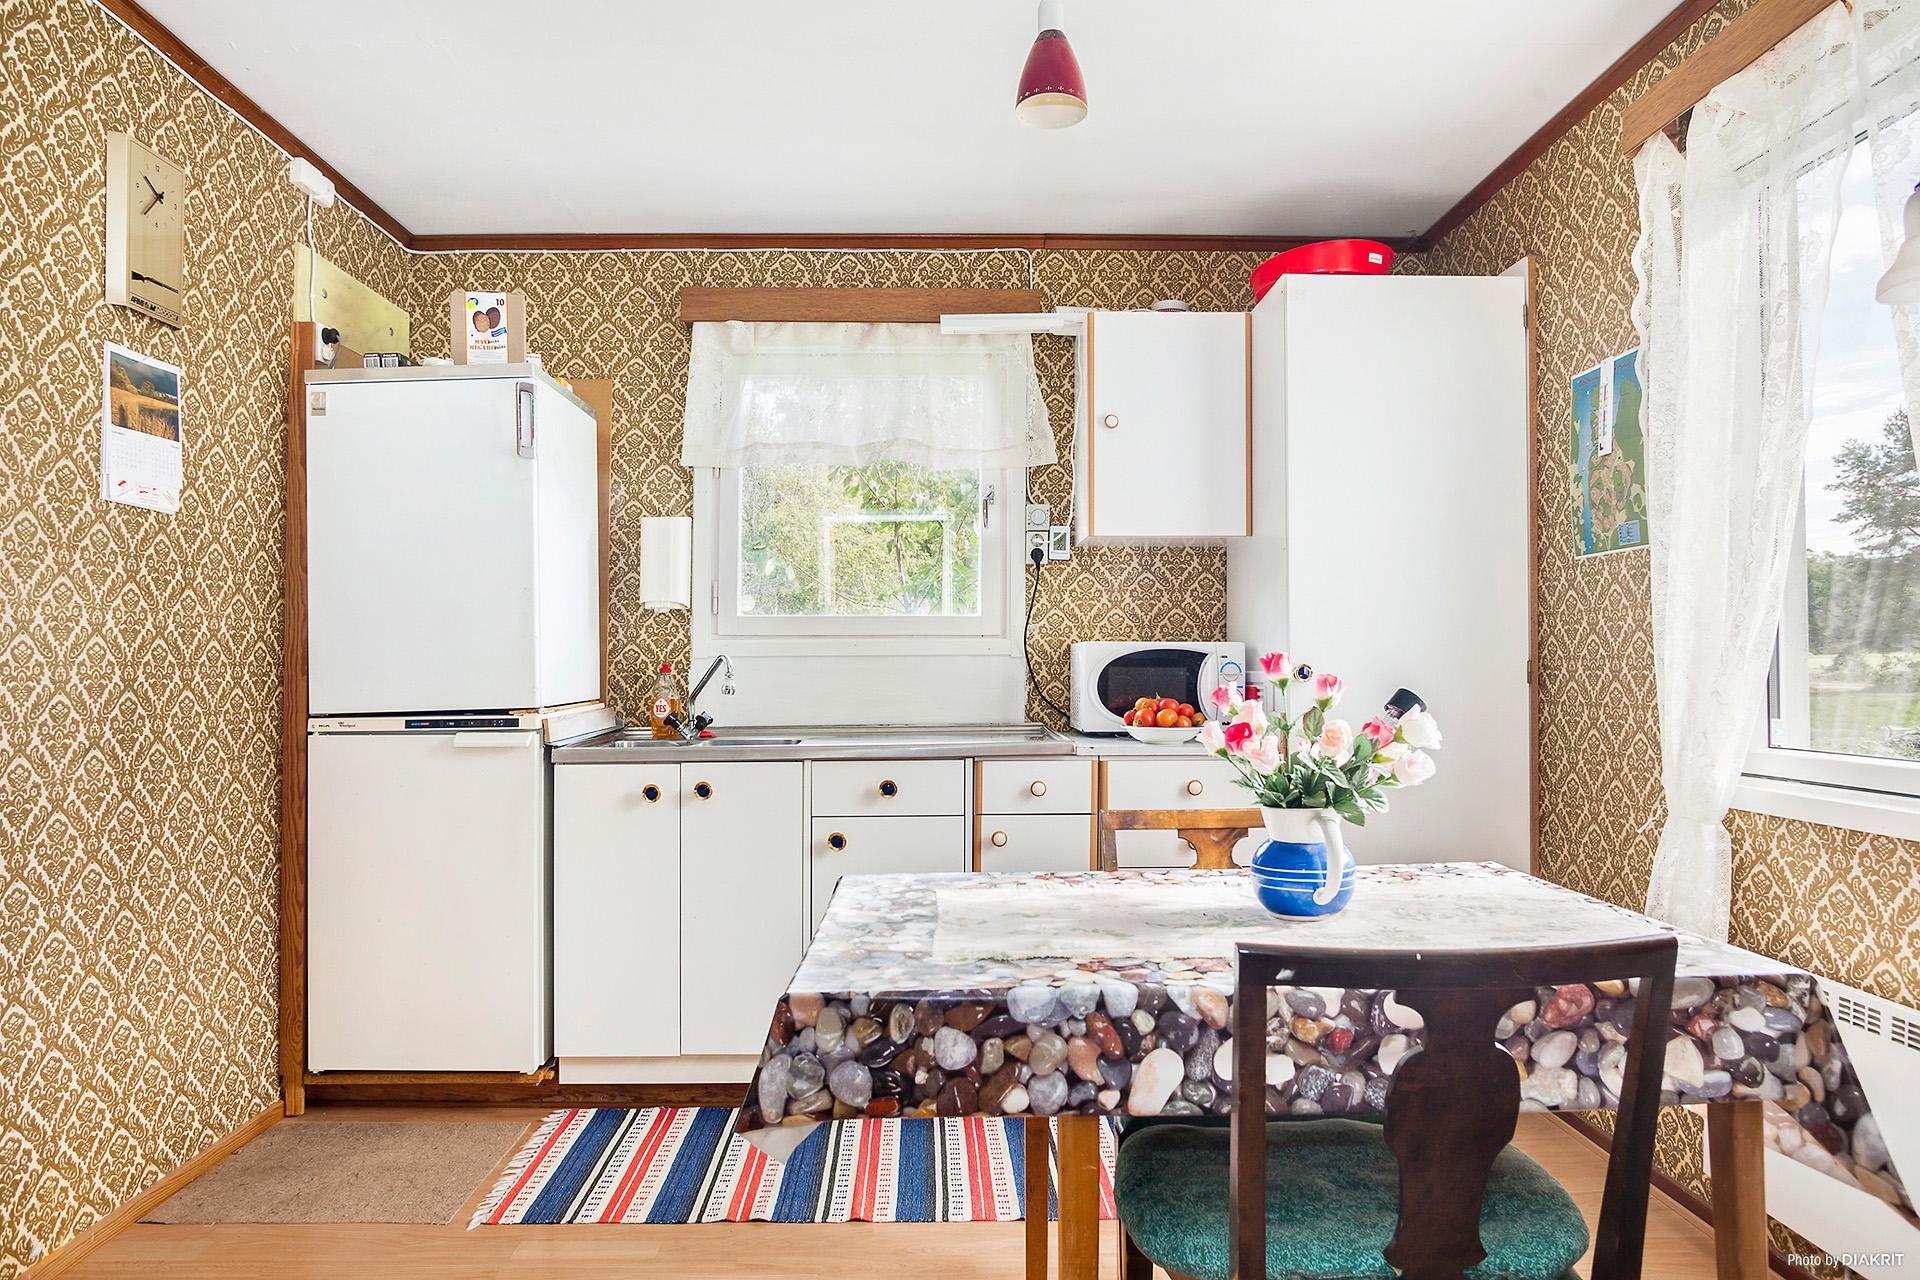 Trivsamt kök med både kallt och varmt vatten.